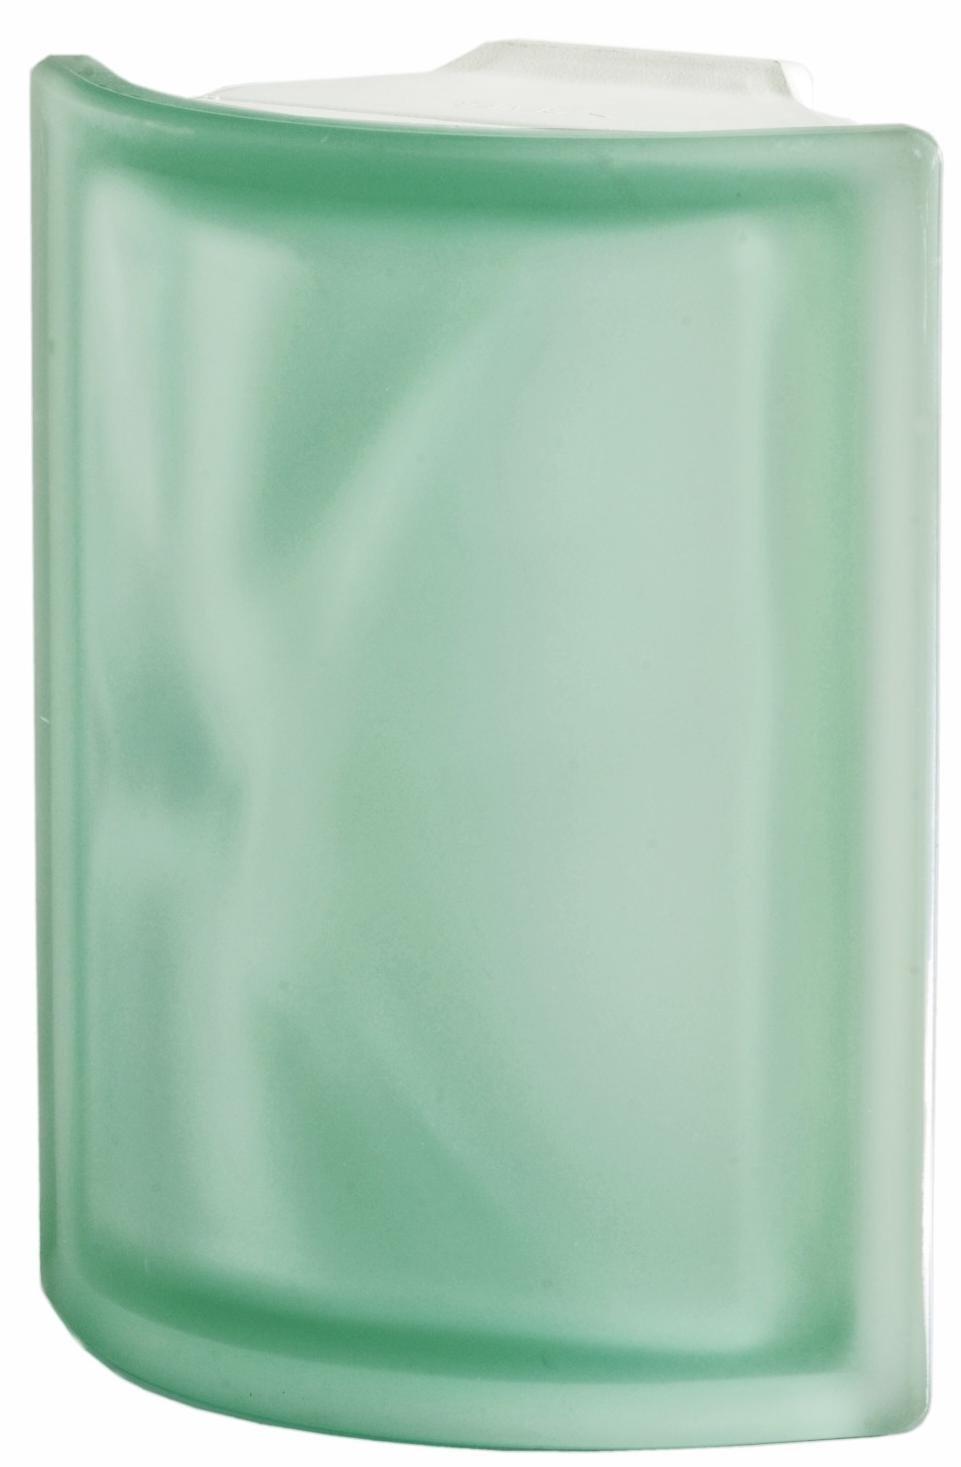 Luxfera Pegasus Angolare O Sat Verde, svlnkou, rohová satin 0